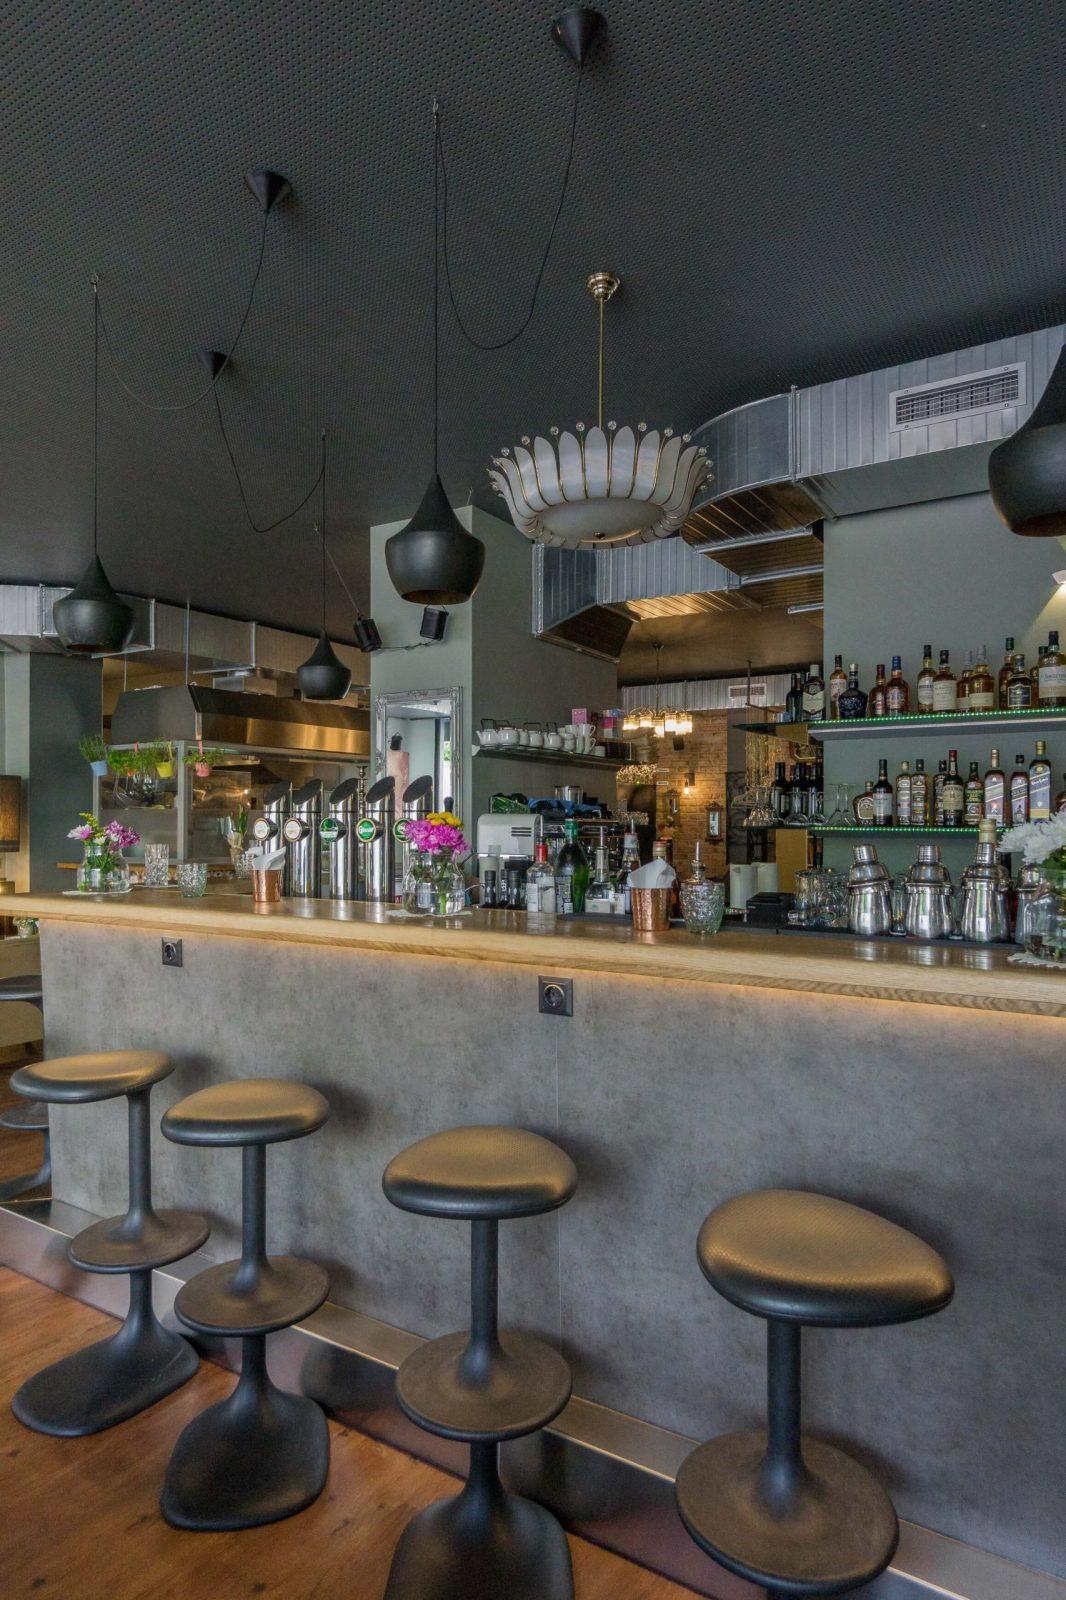 About Le Pic Brasserie in Wien